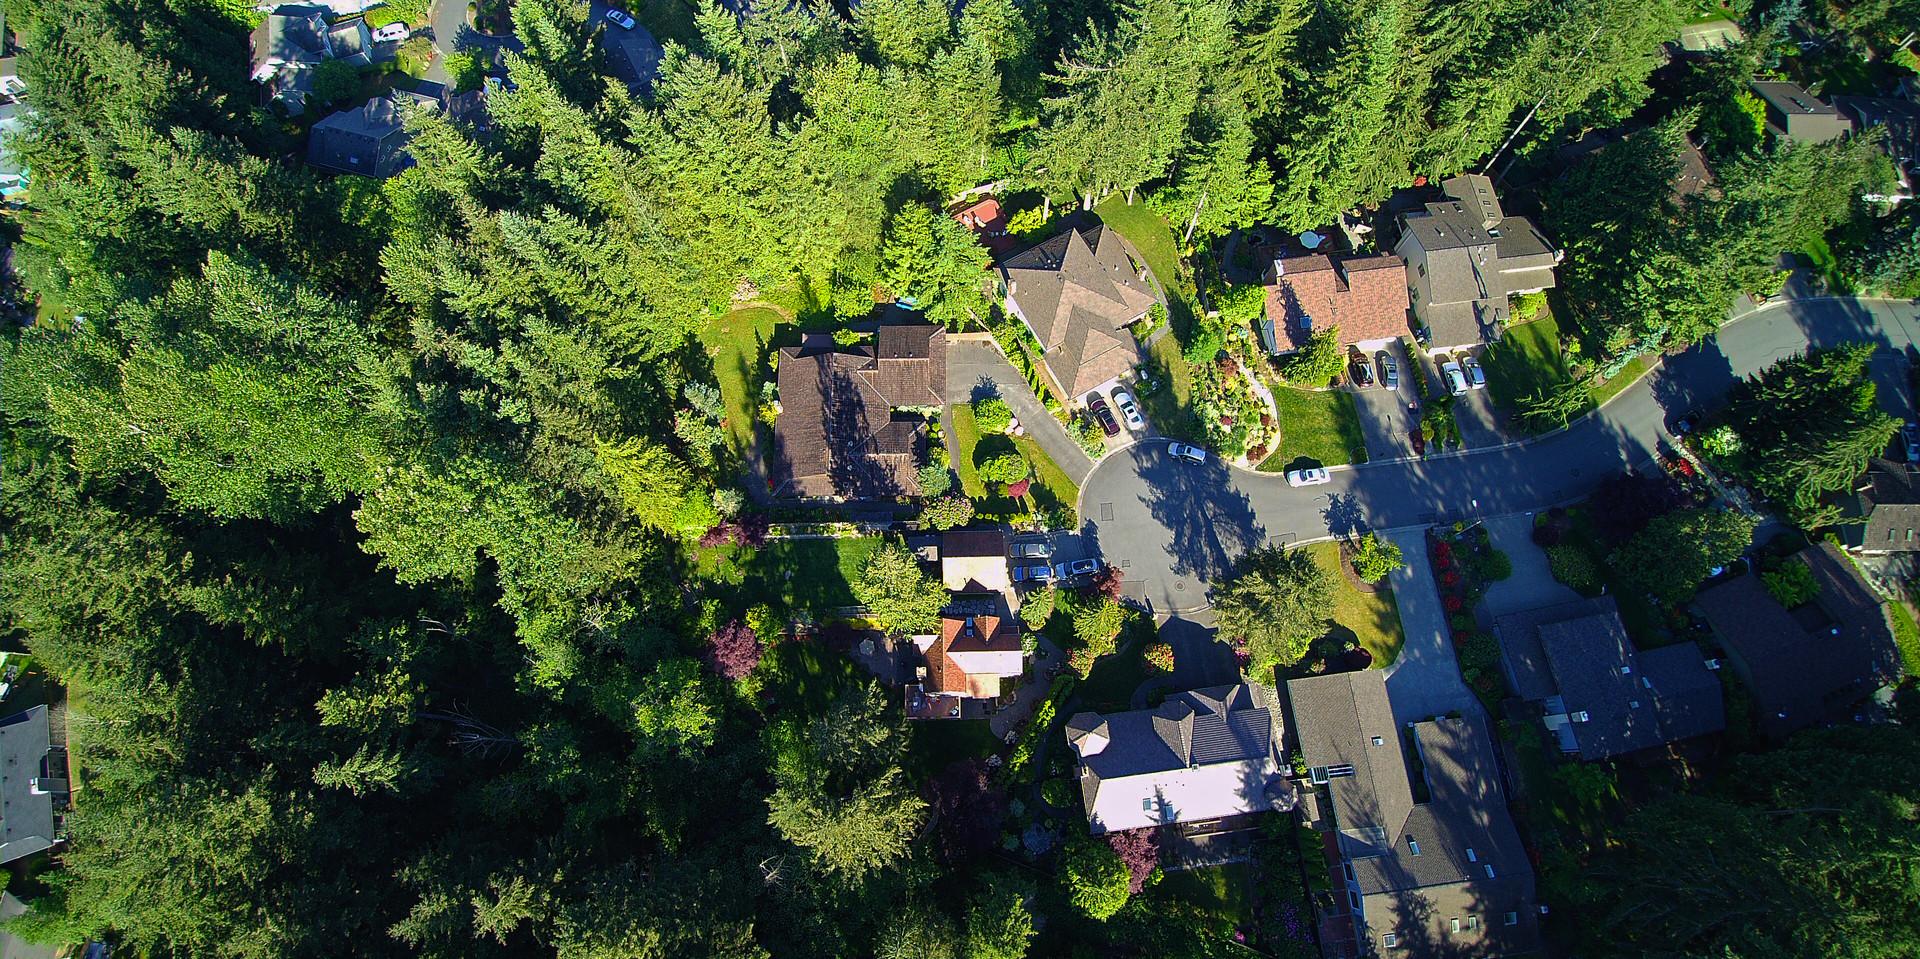 Western Washington - Bothell